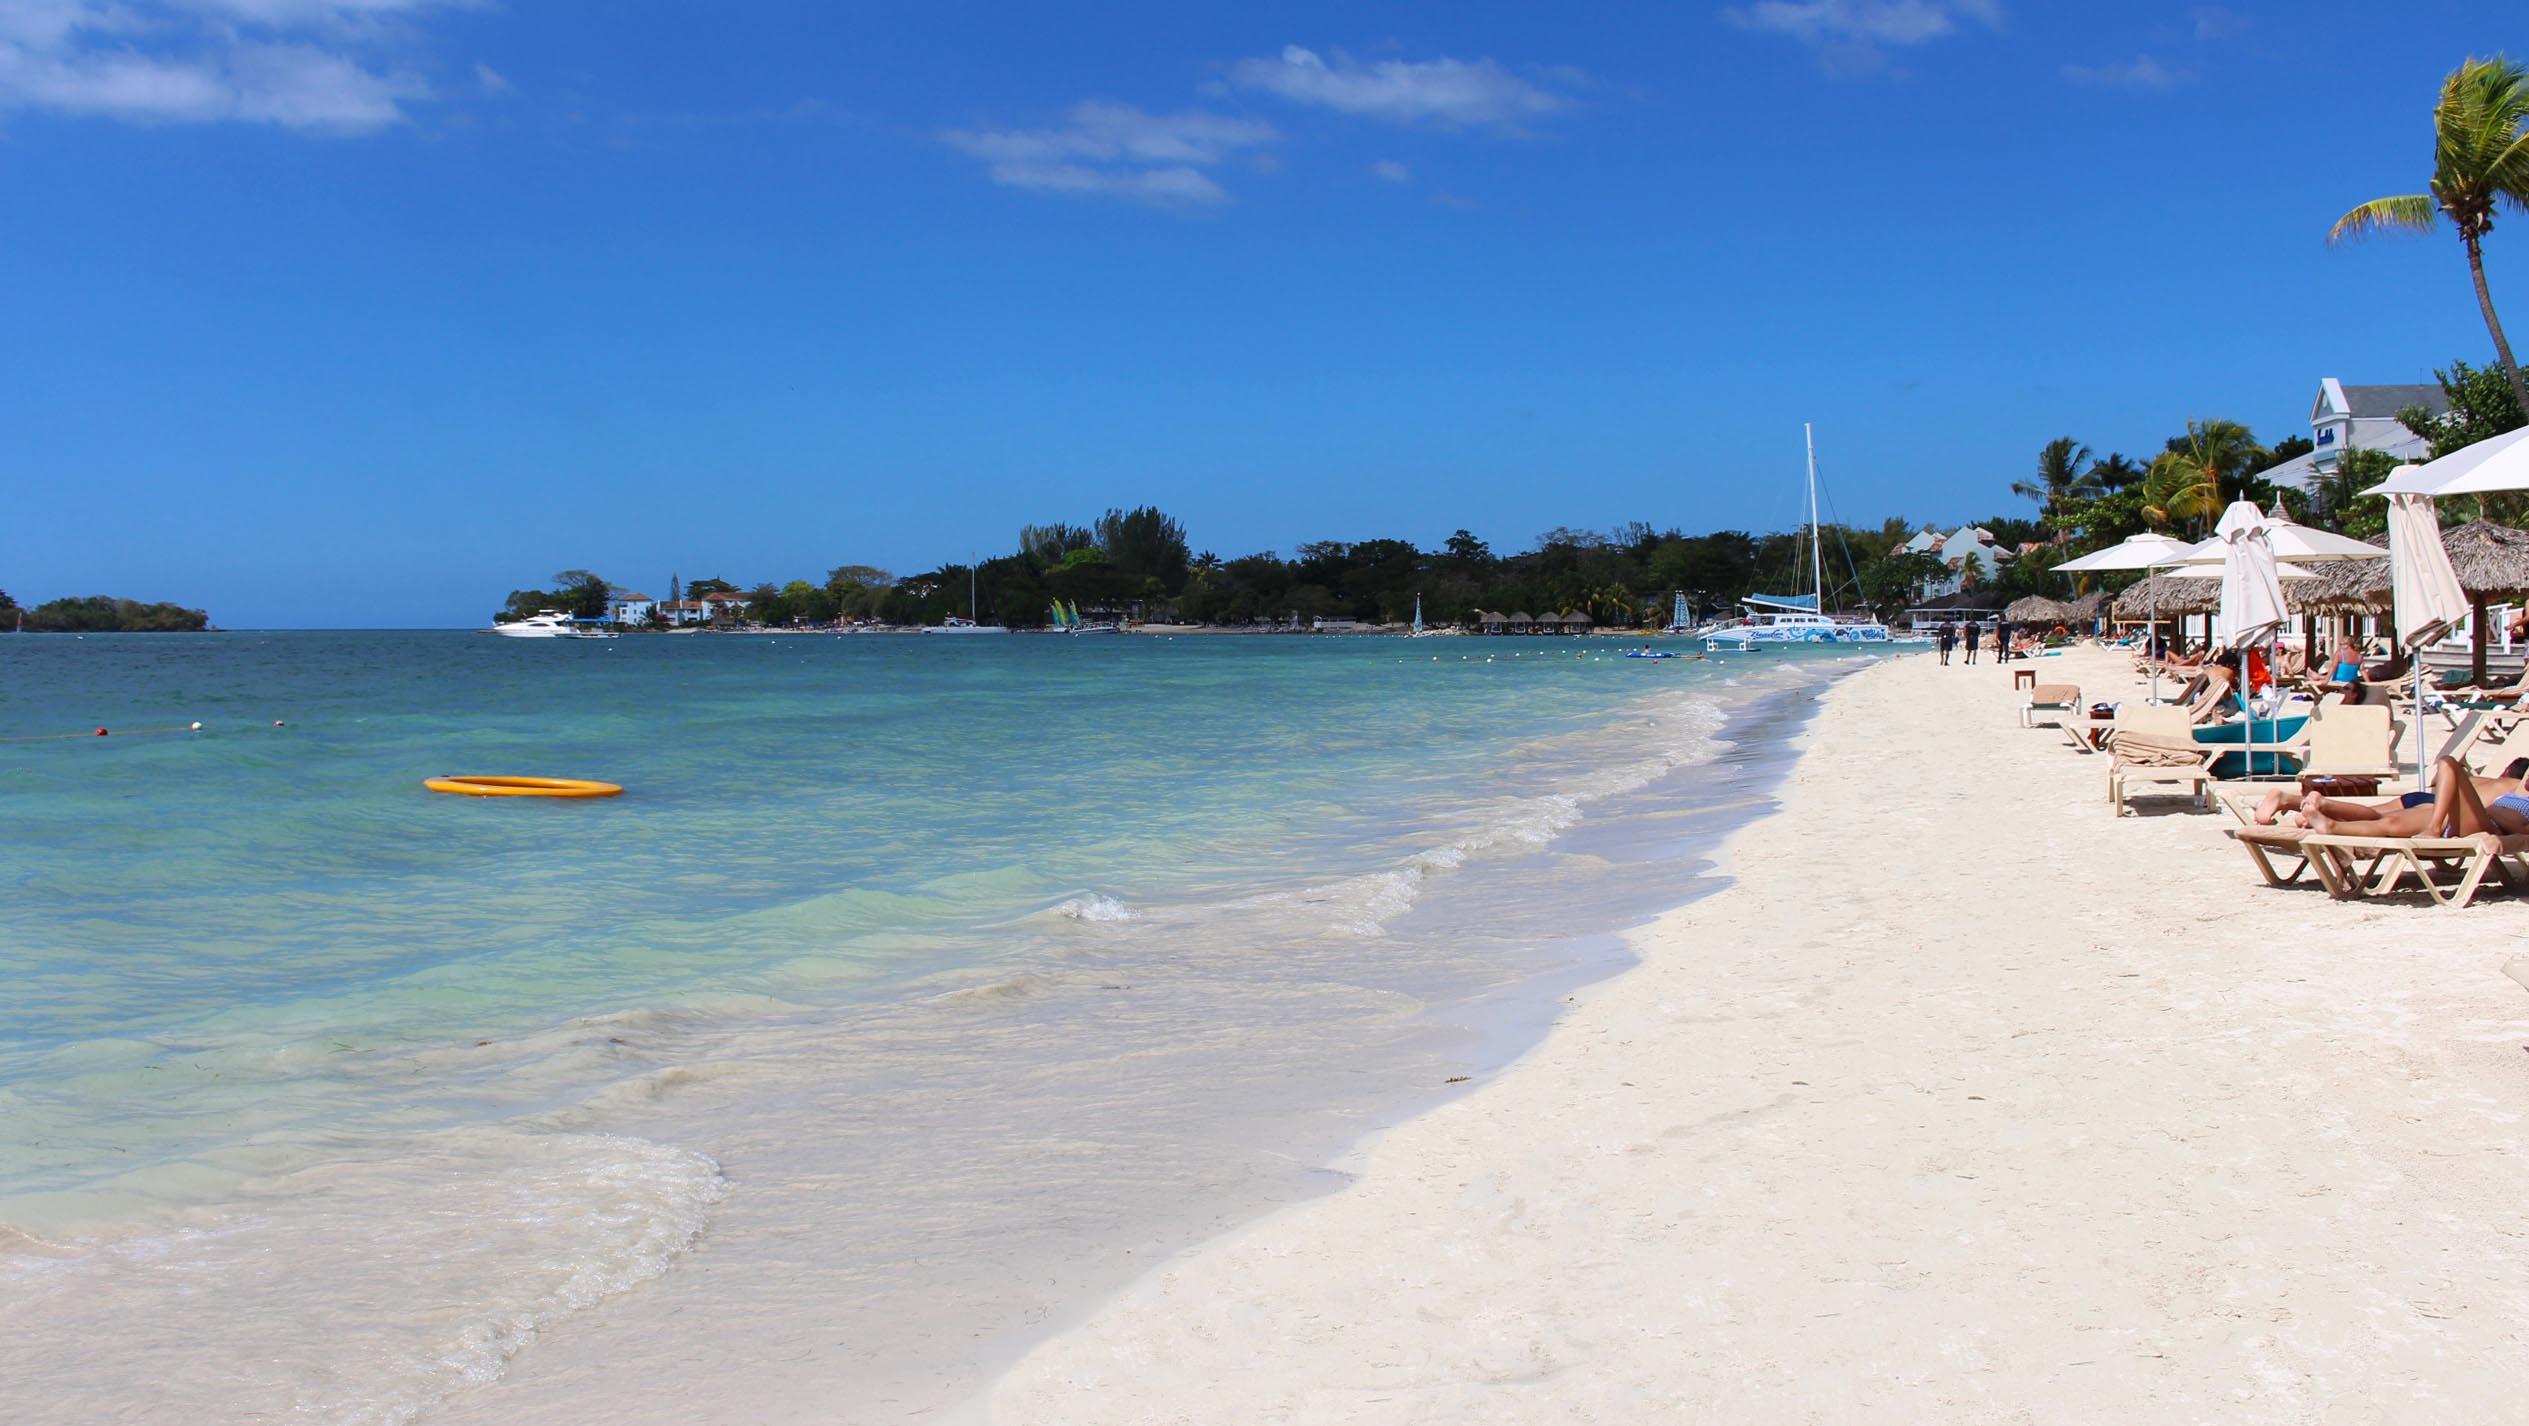 La meravigliosa spiaggia di Negril, conosciuta anche con il nome di perla dei Carabi, con i suoi 11 chilometri di sabbia bianca